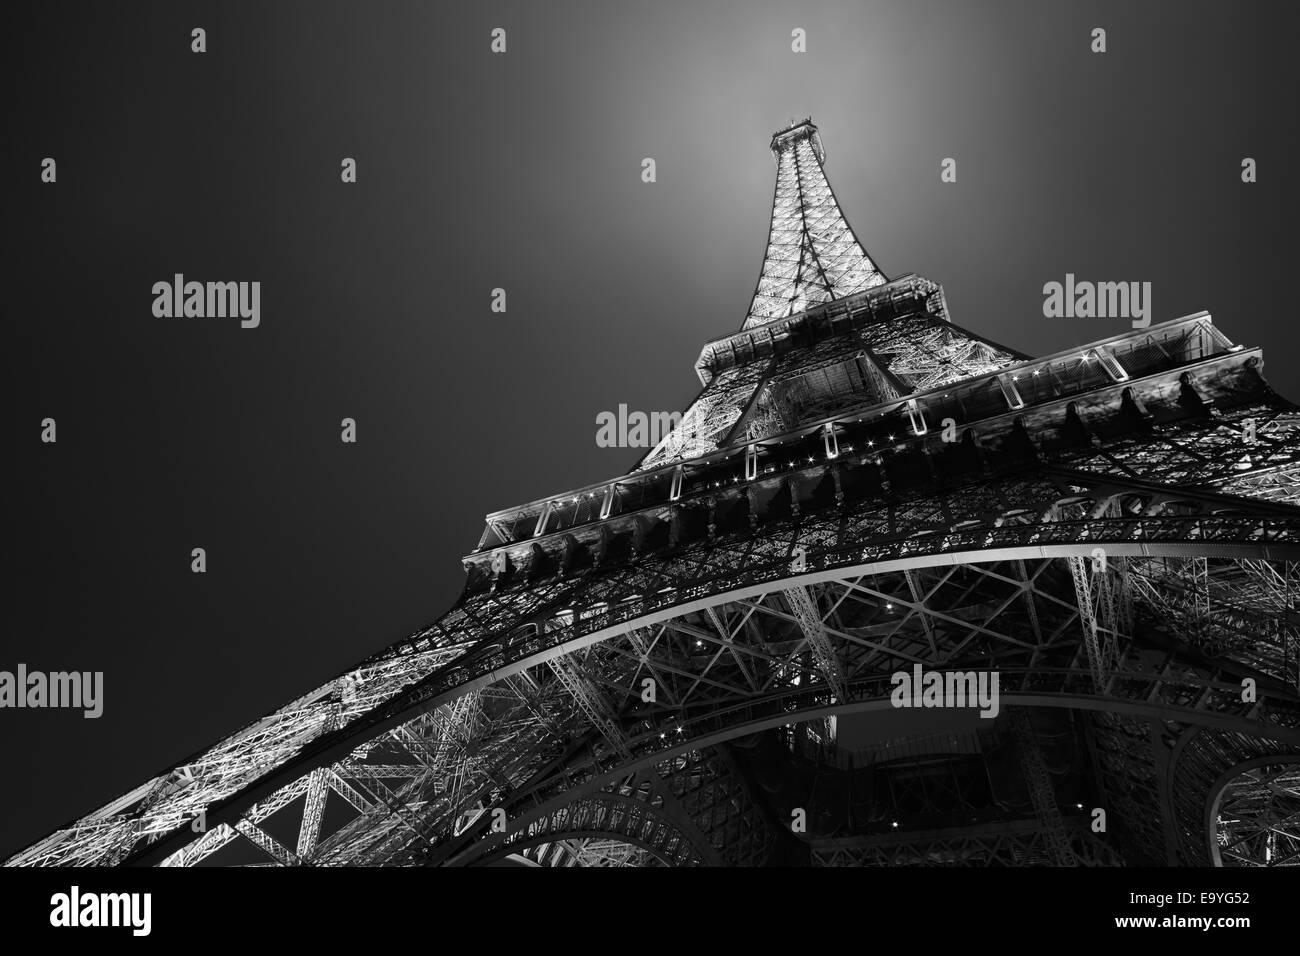 Eiffelturm in Paris bei Nacht, schwarz und weiß, niedrigen Winkel Ansicht Stockbild